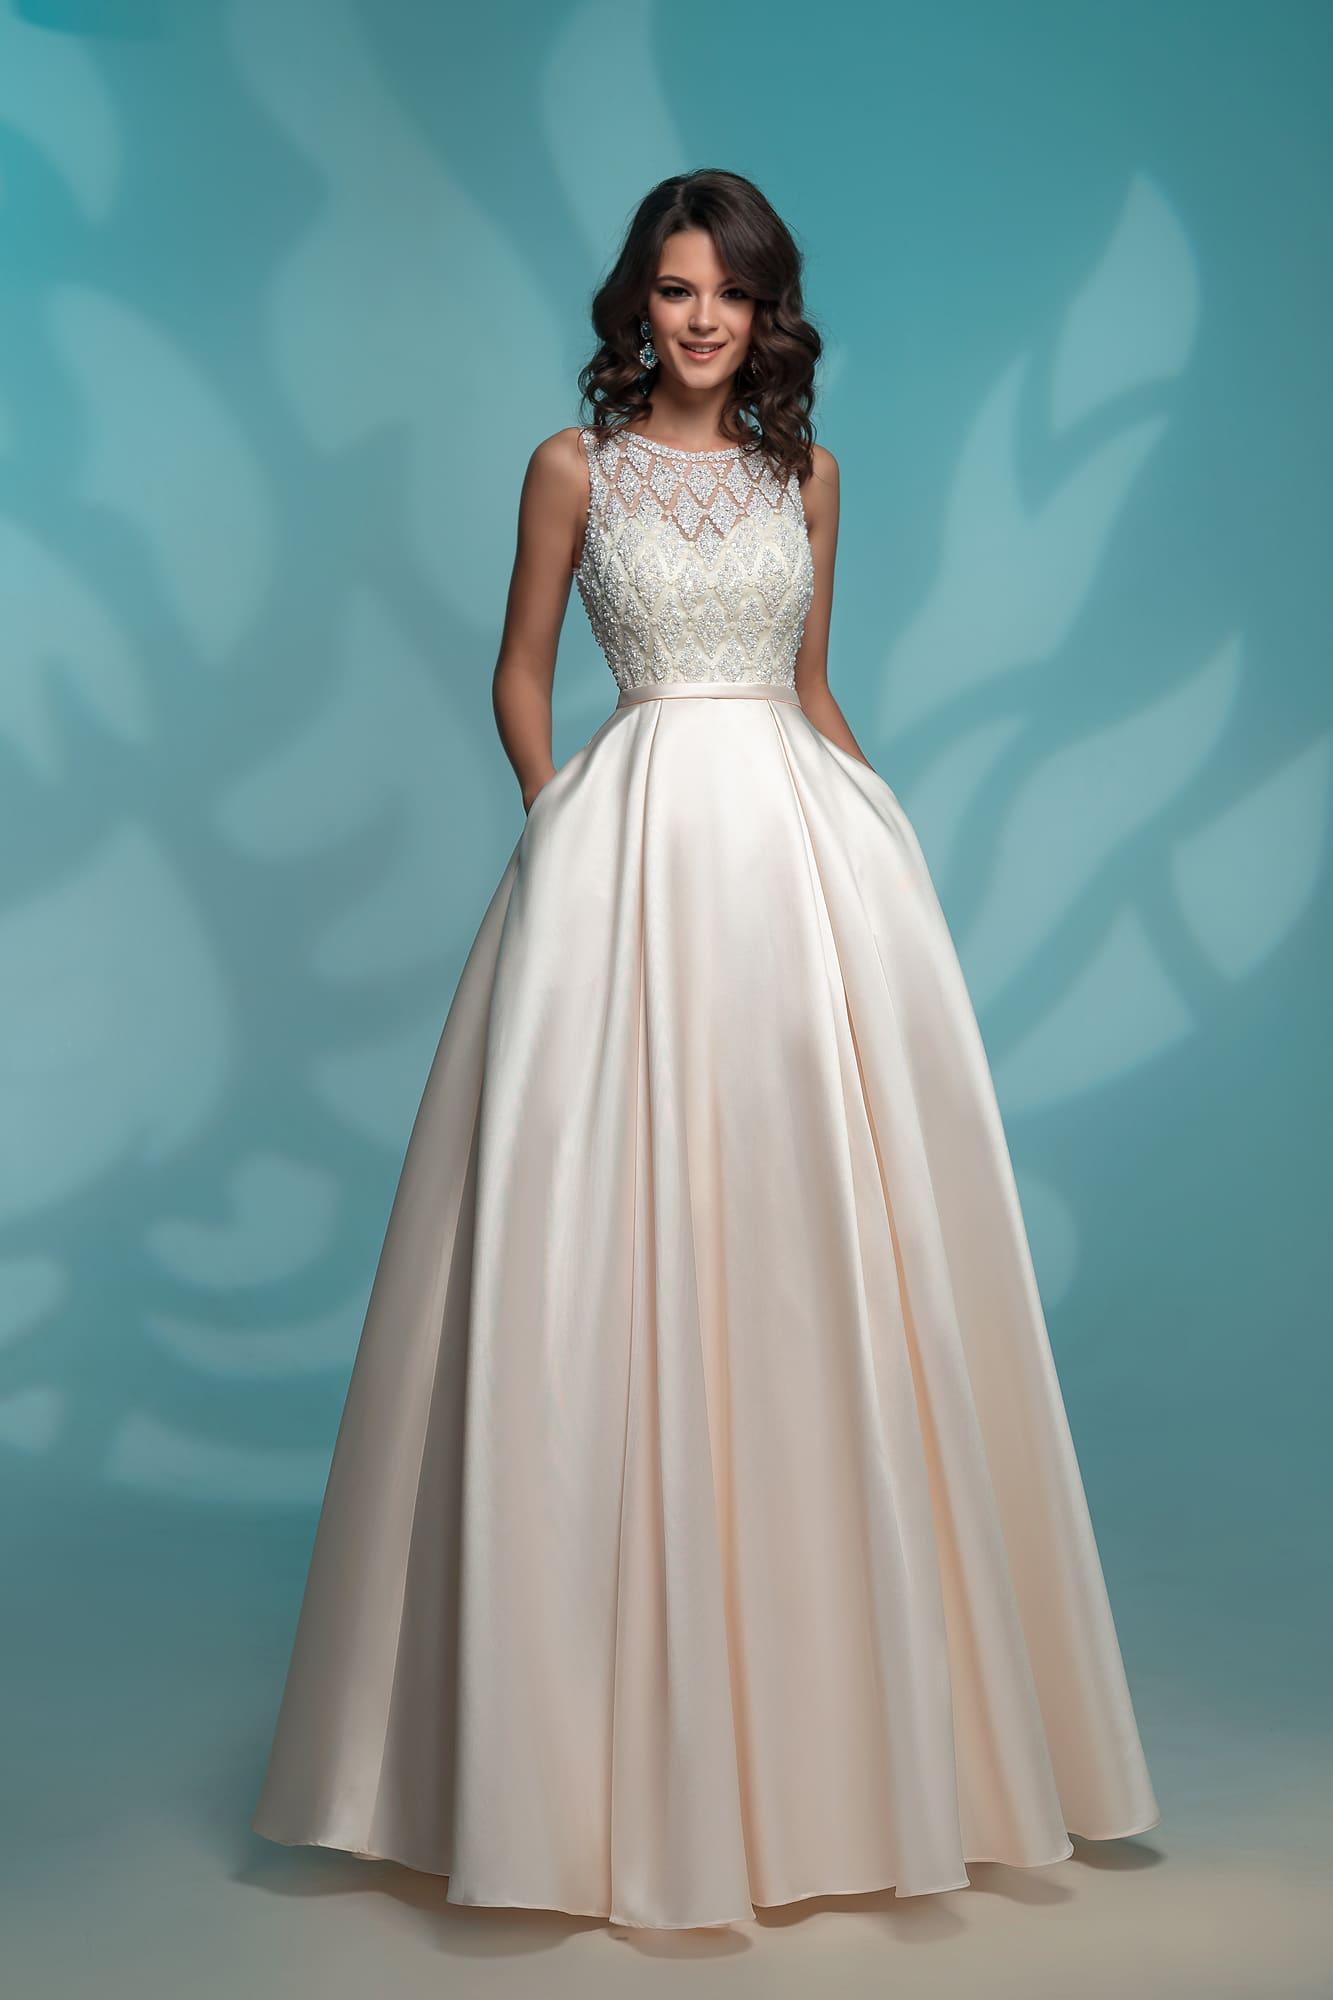 c3c8e1dda5a Белое платье на выпускной Nora Naviano 8142 ivory. Купить вечернее ...